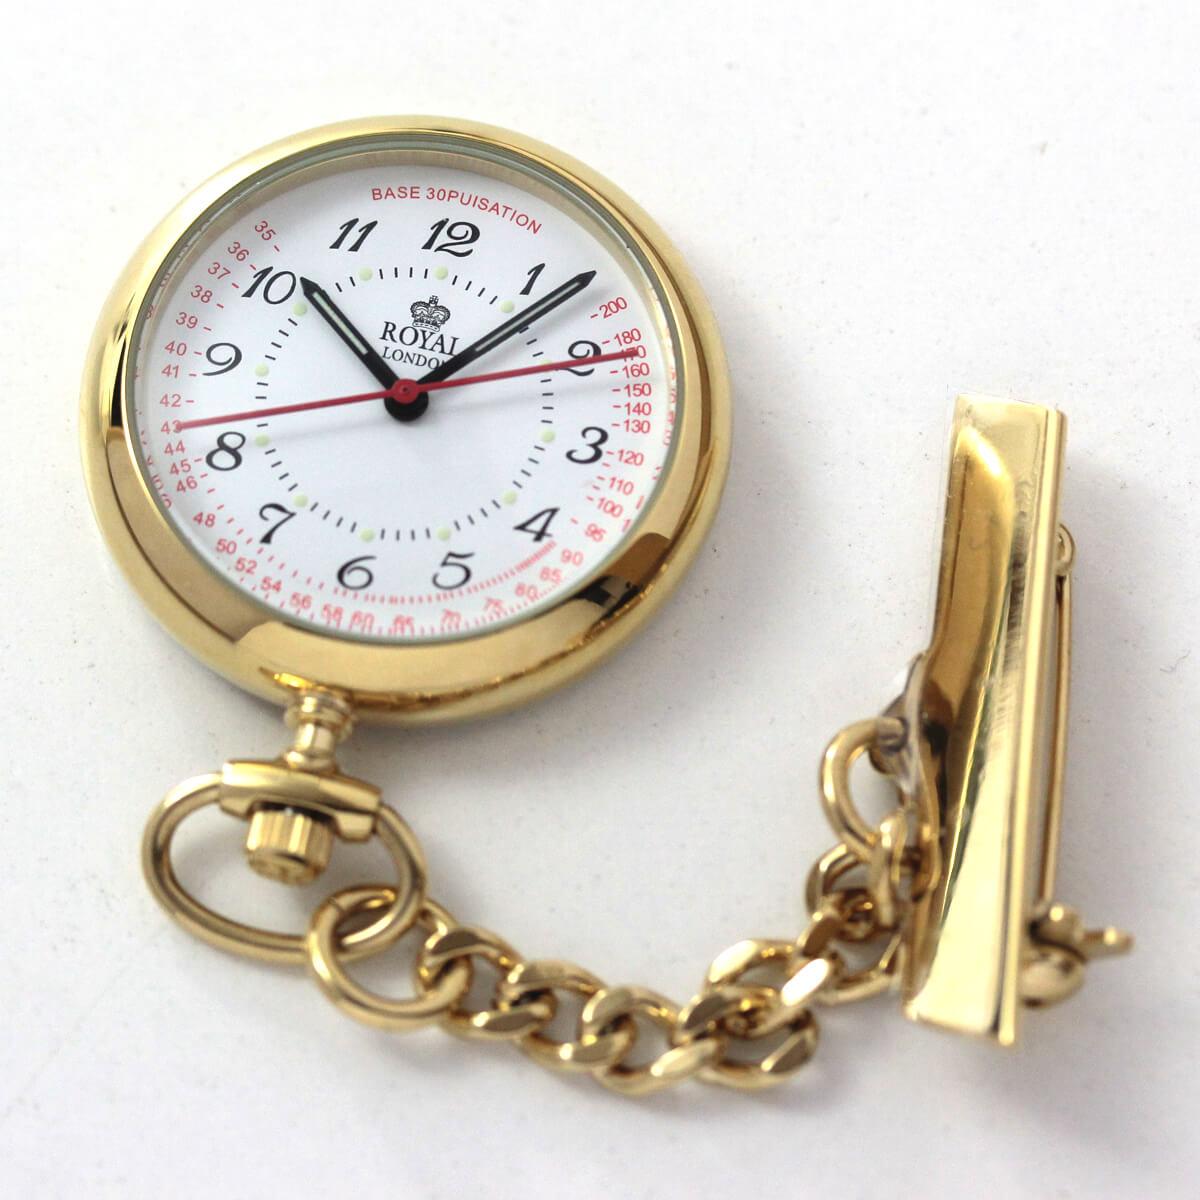 ROYAL LONDON(ロイヤルロンドン) クォーツ懐中時計 ナースウォッチ 21019-02